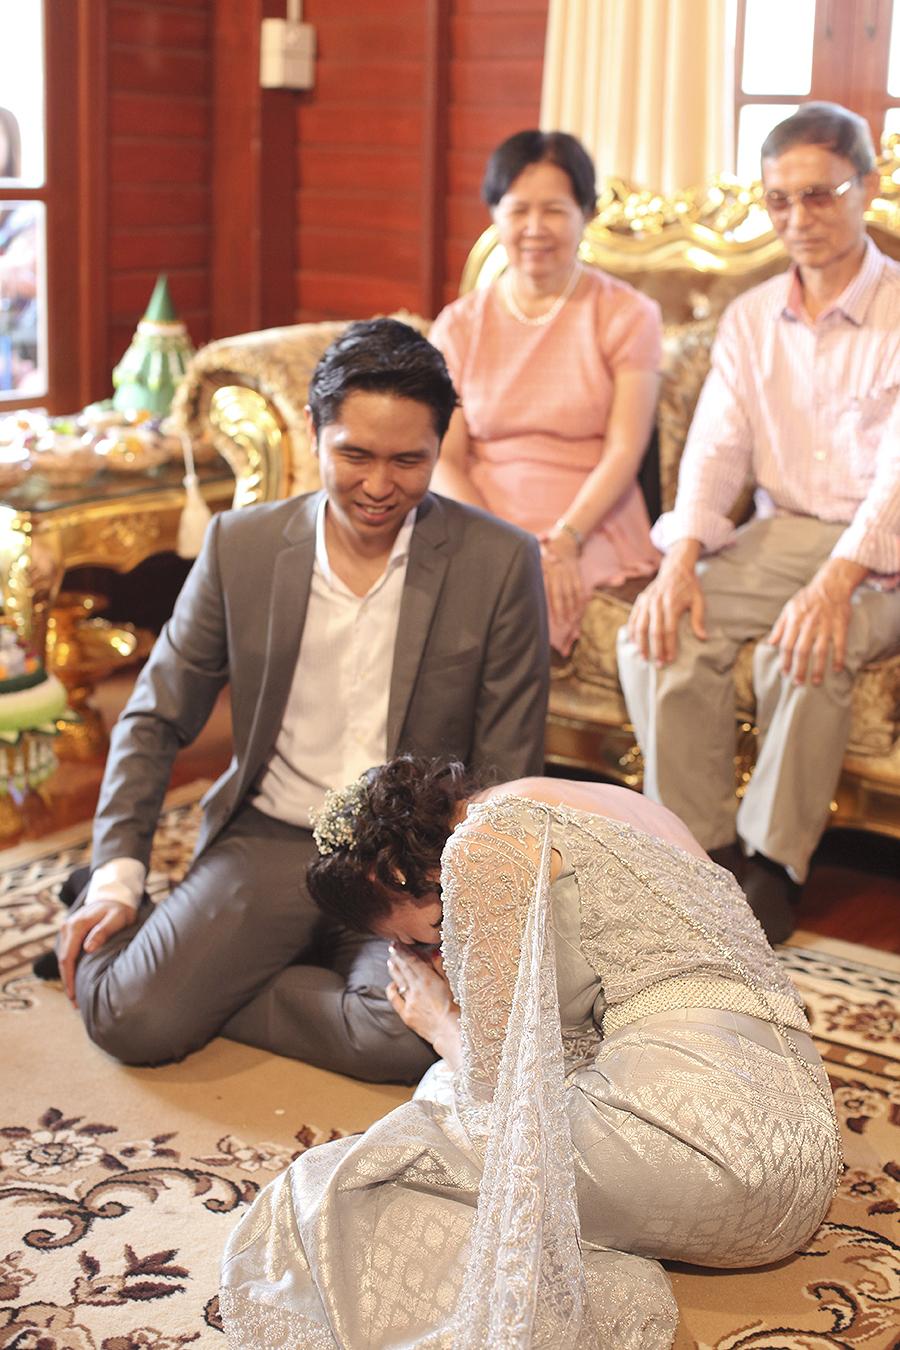 bangkok thailand wedding photography by kurt ahs . ruj+tai . 6276.jpg